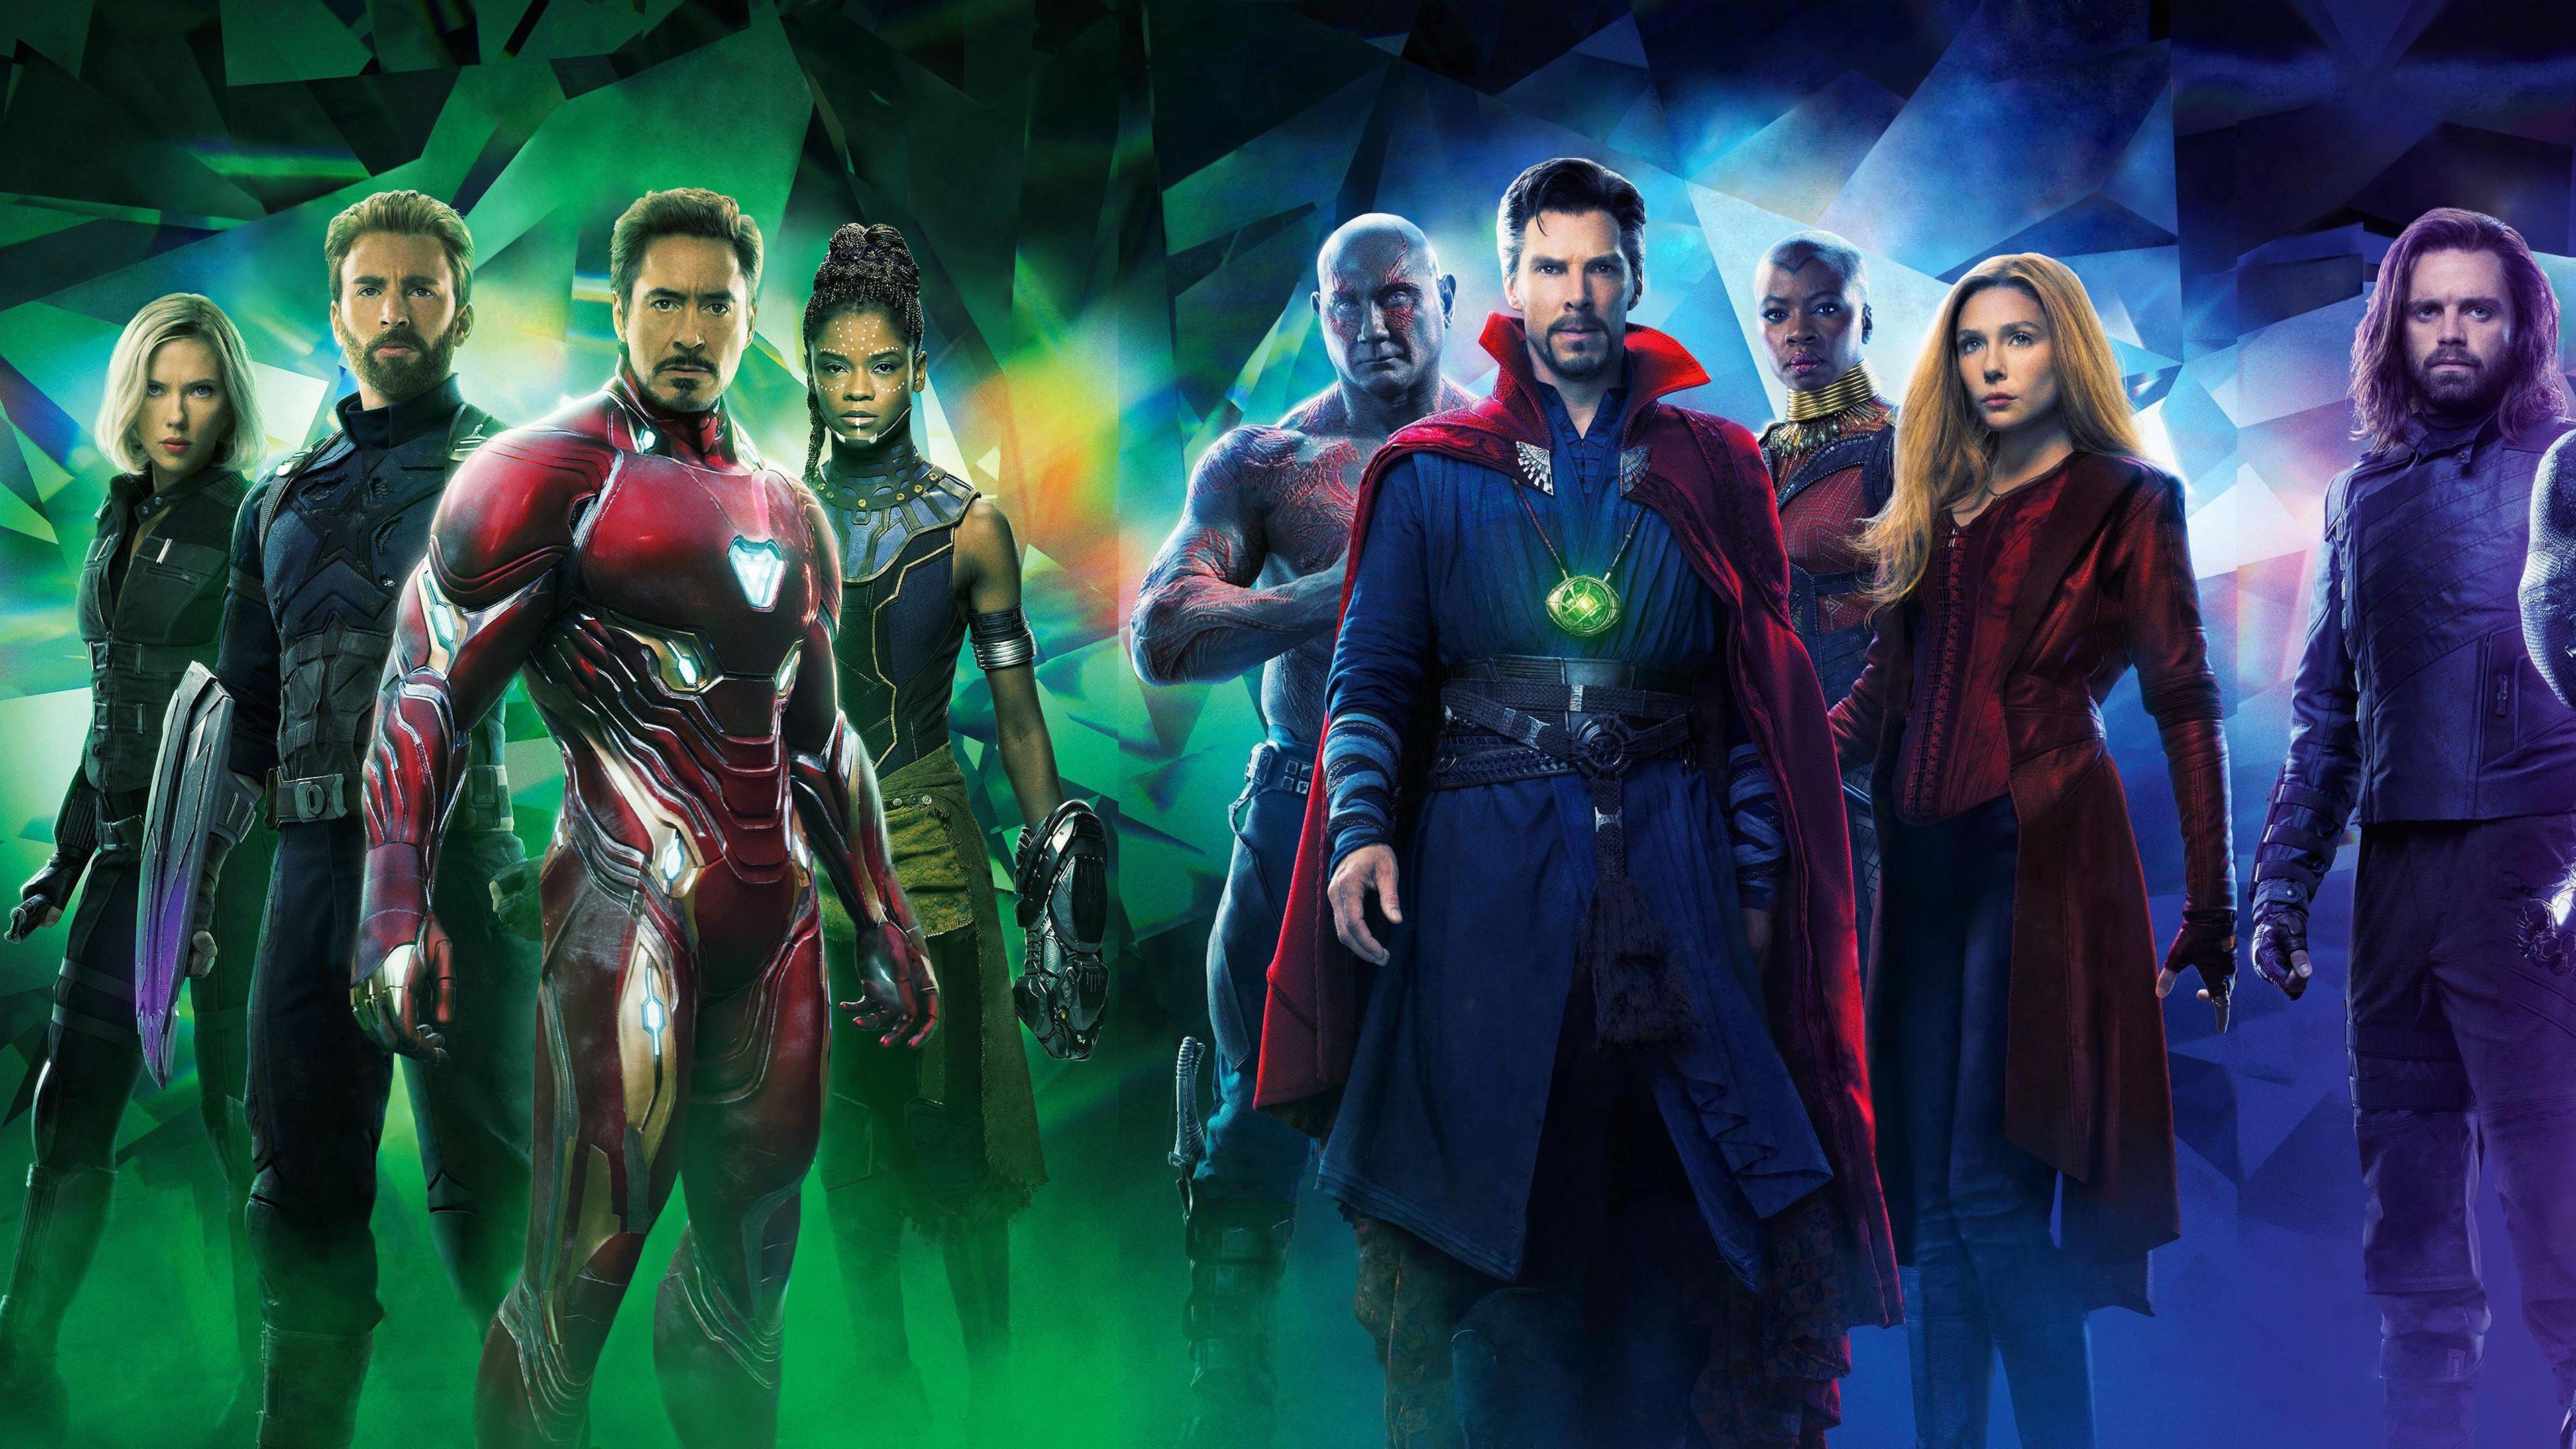 Wallpaper Hot Movie 2018 Avengers Infinity War 3840x2160